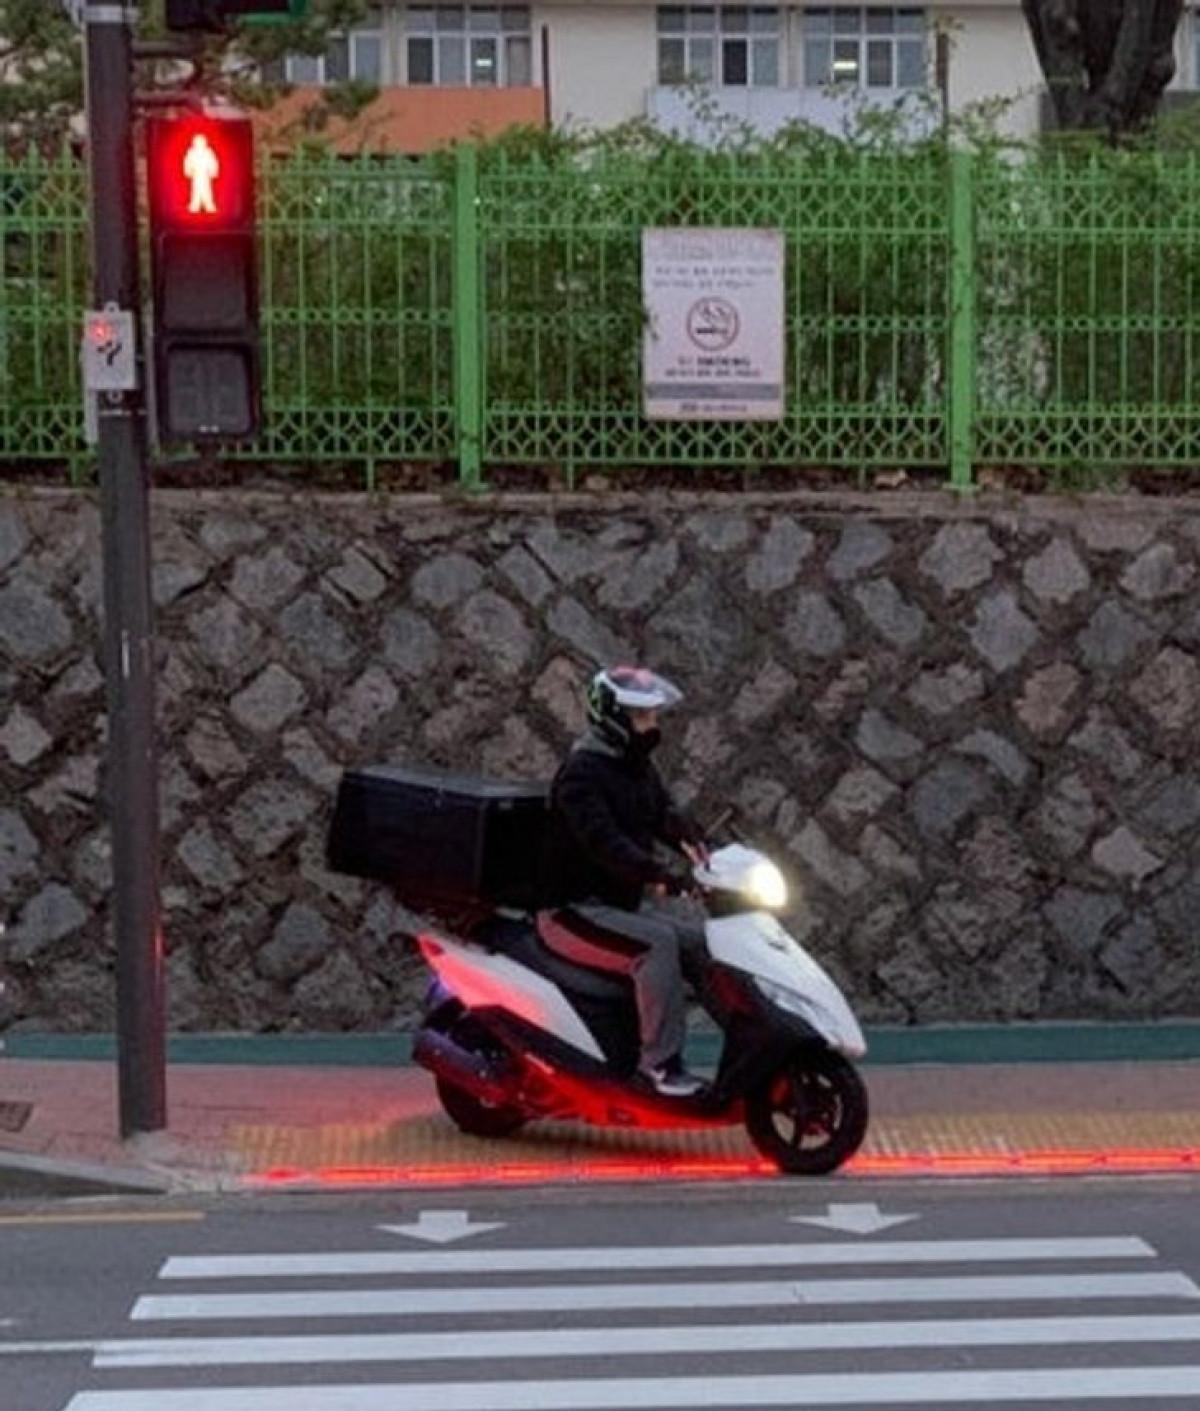 Trong một thế giới mà chúng ta dành ngày càng nhiều thời gian vào màn hình điện thoại, các nhà quản lý đô thị tại Hàn Quốc đã nghĩ ra một sáng kiến giúp các cư dân của thế giới hiện đại không bị lỡ đèn tín hiệu giao thông trong khi đang sử dụng thiết bị di động. Theo đó, các cột đèn giao thông có thêm bóng đèn ở thấp gần mặt đường để khi người tham gia giao thông cúi mặt vào màn hình thiết bị di động, họ có thể dễ dàng nhận biết được khi nào đèn tín hiệu chuyển từ đỏ sang xanh để khởi hành.